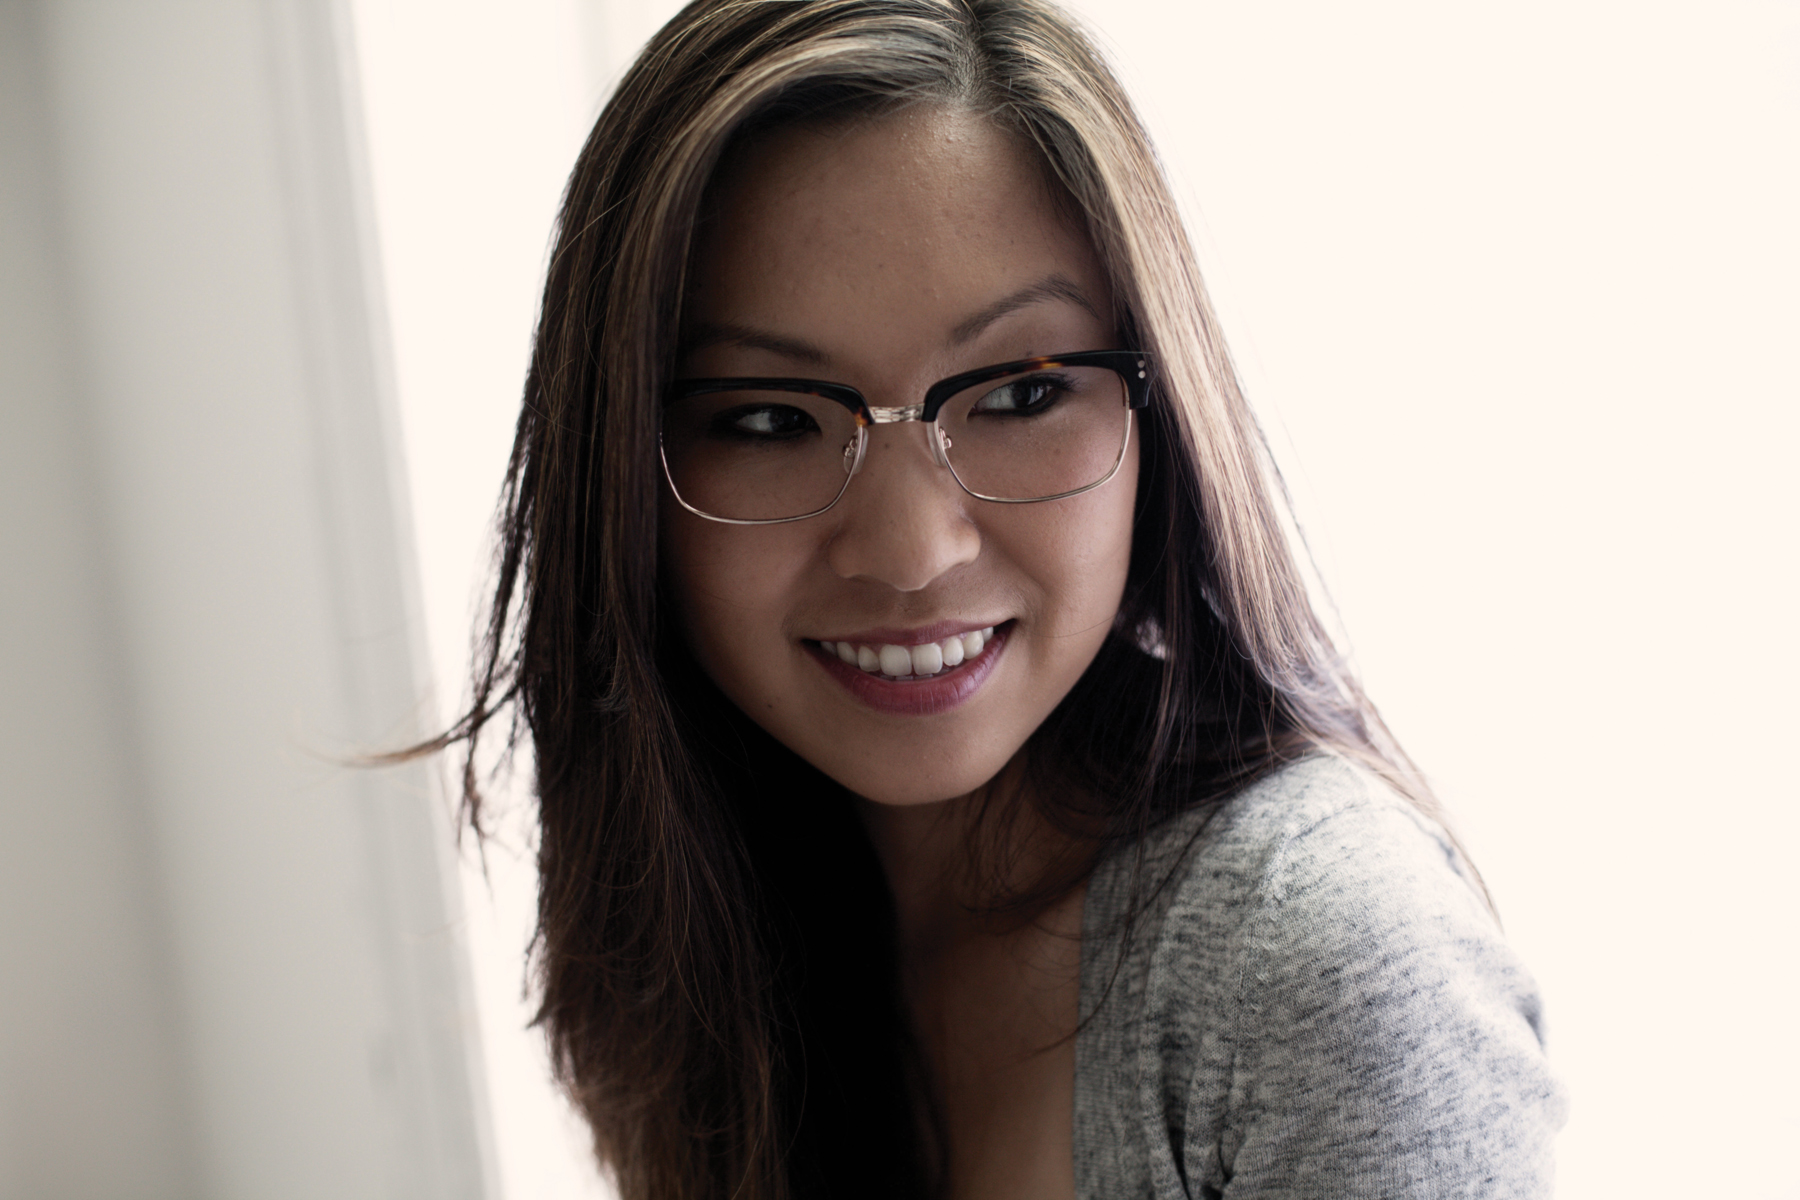 Author Photo: An Rong Xu